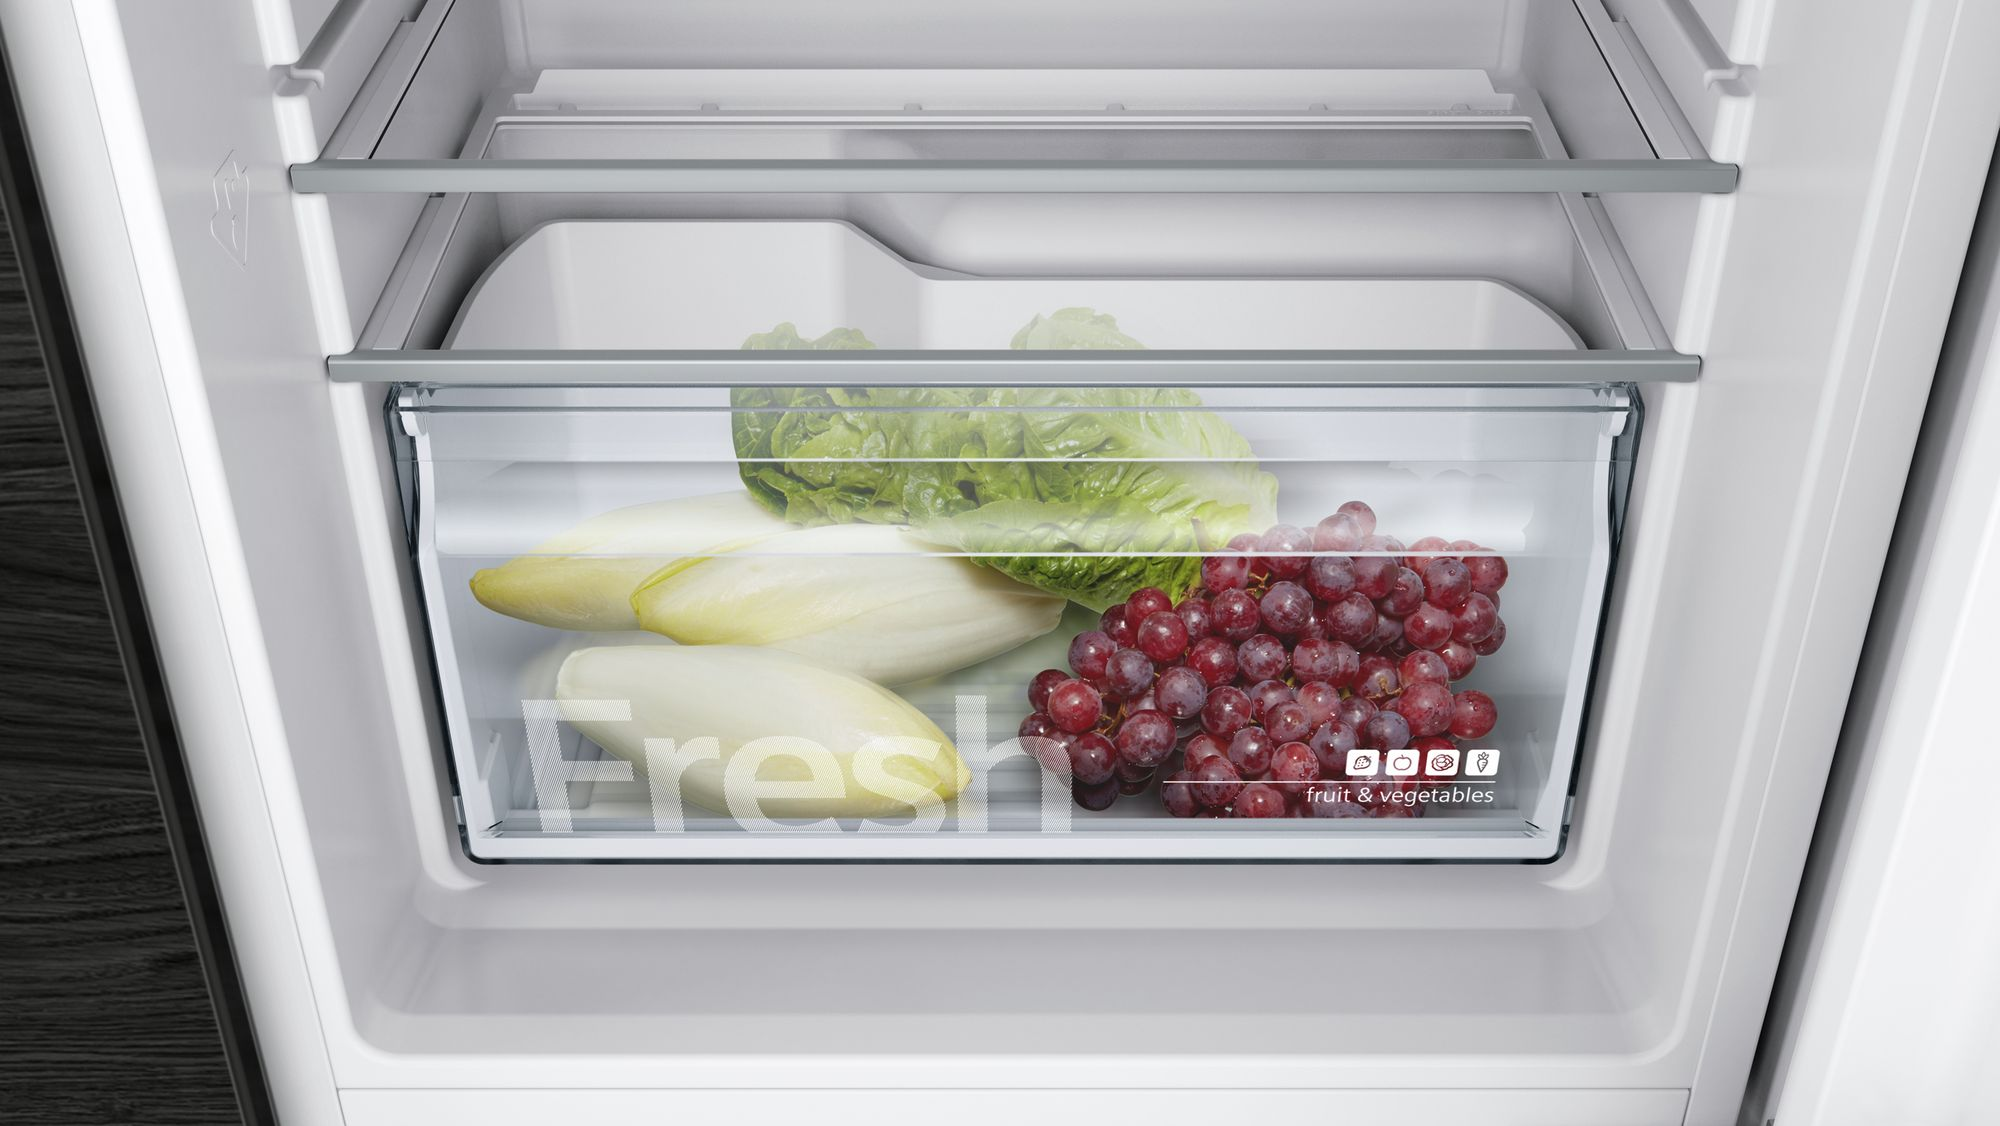 Siemens Kühlschrank Temperatur : Siemens einbau kühlschrank flachscharnier technik ki lvf